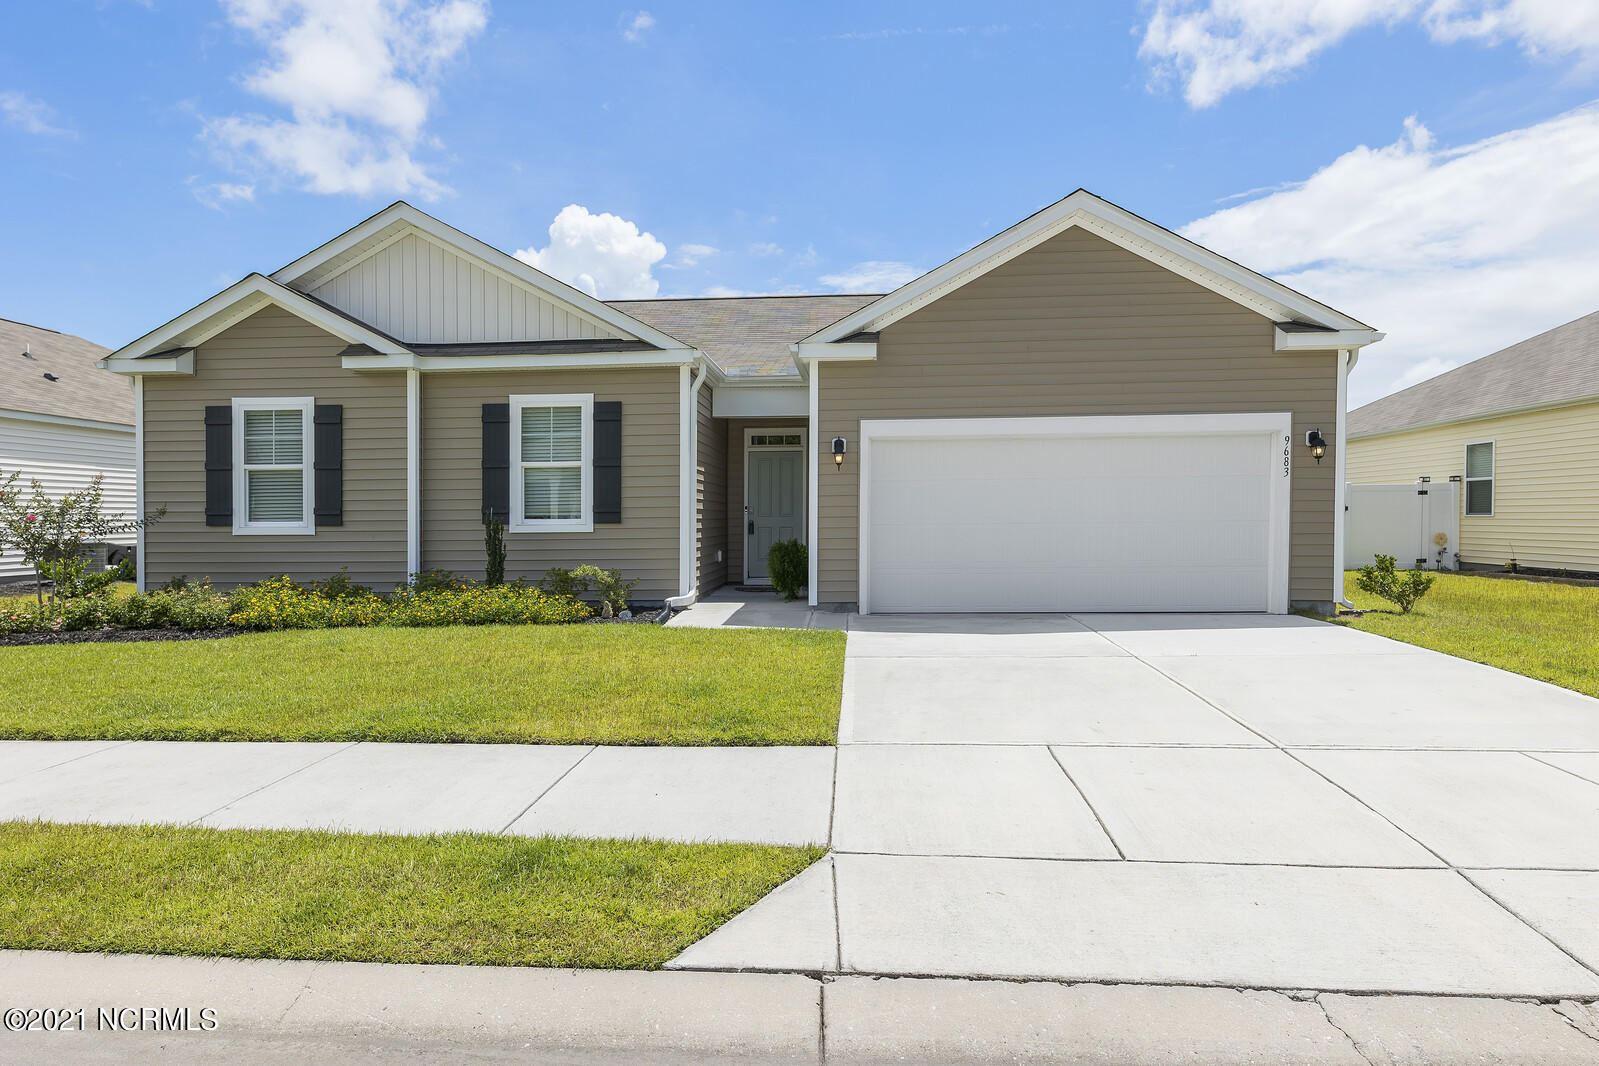 Photo for 9683 Woodriff Circle NE, Leland, NC 28451 (MLS # 100283305)